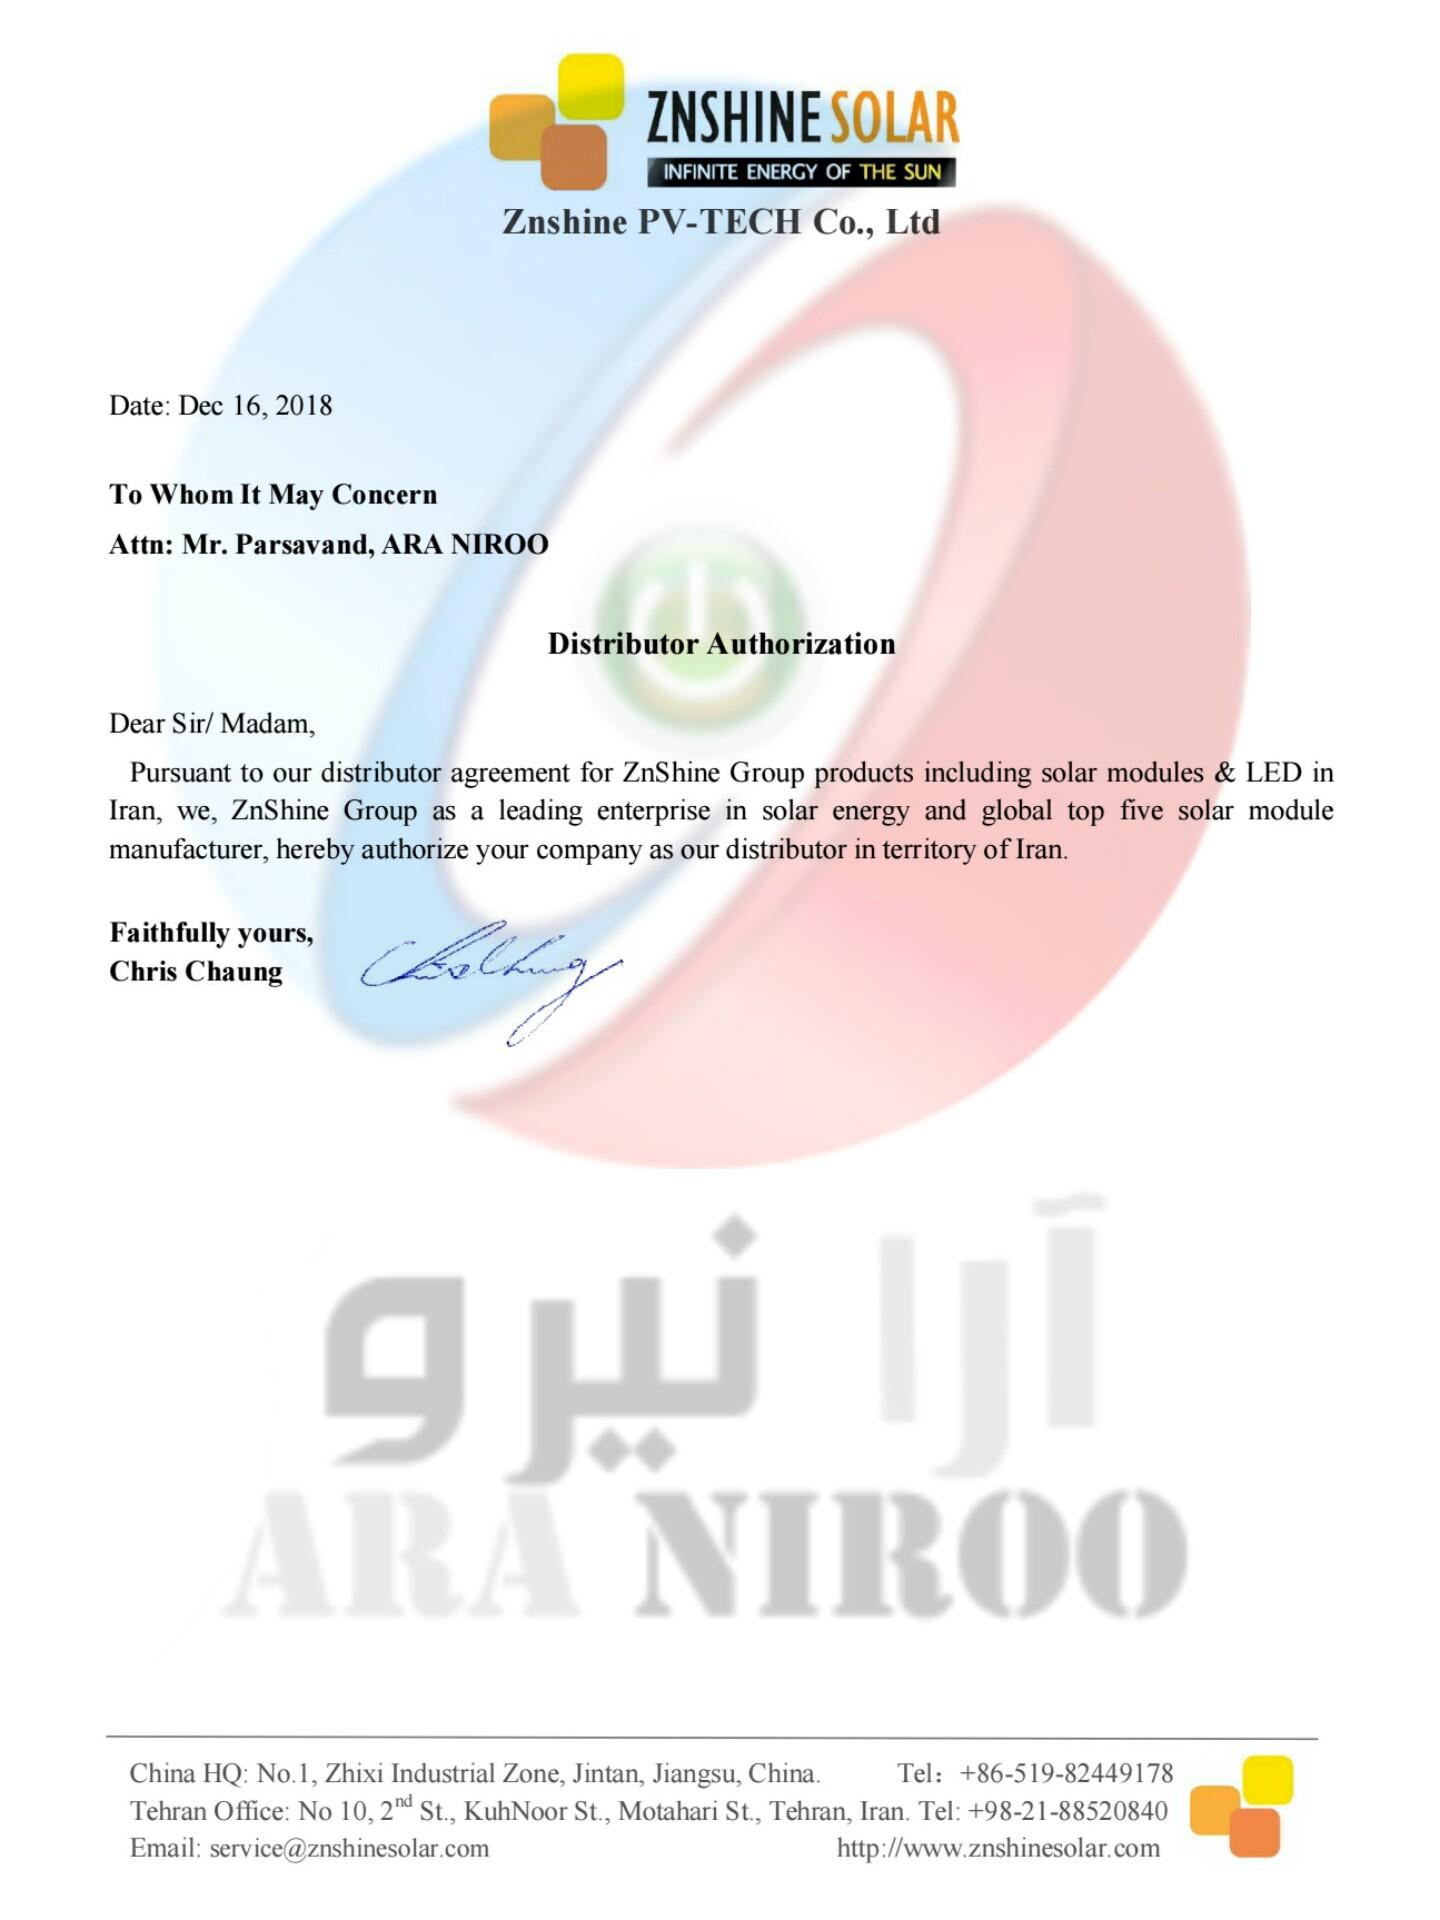 گواهی نمایندگی رسمی پنل زنگشاین در ایران